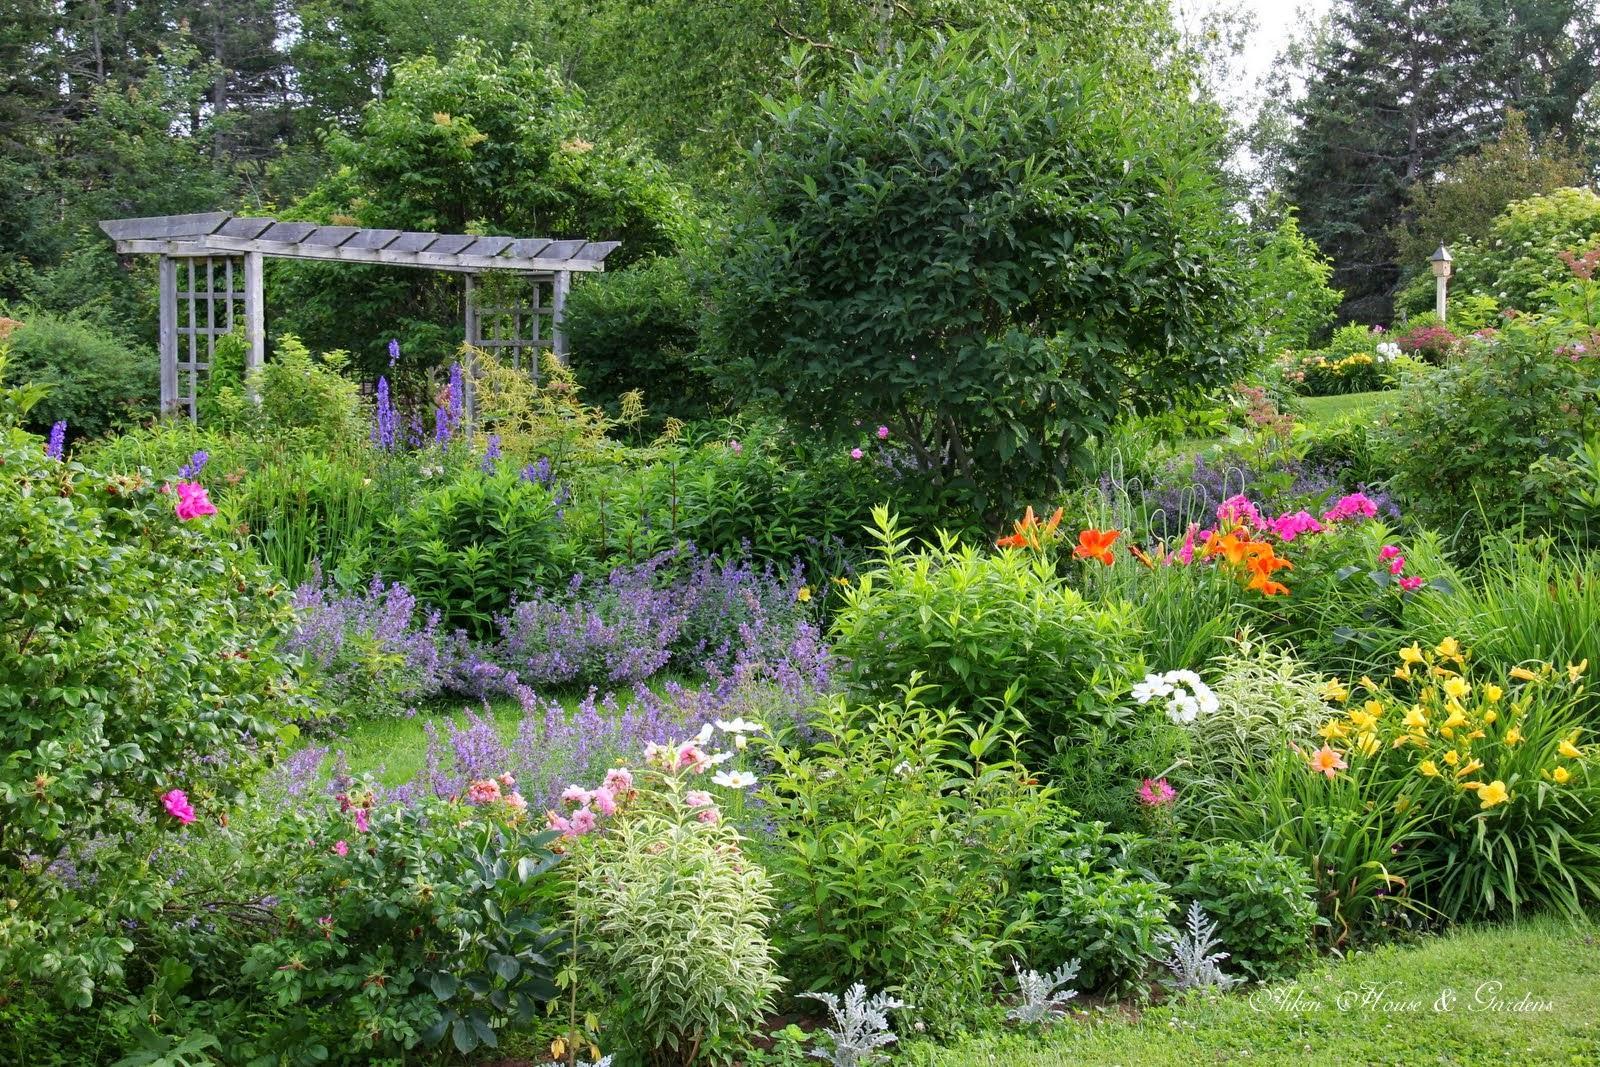 Záhrada,ktorá ťa nikdy neomrzí...divoká a krásna - Obrázok č. 49